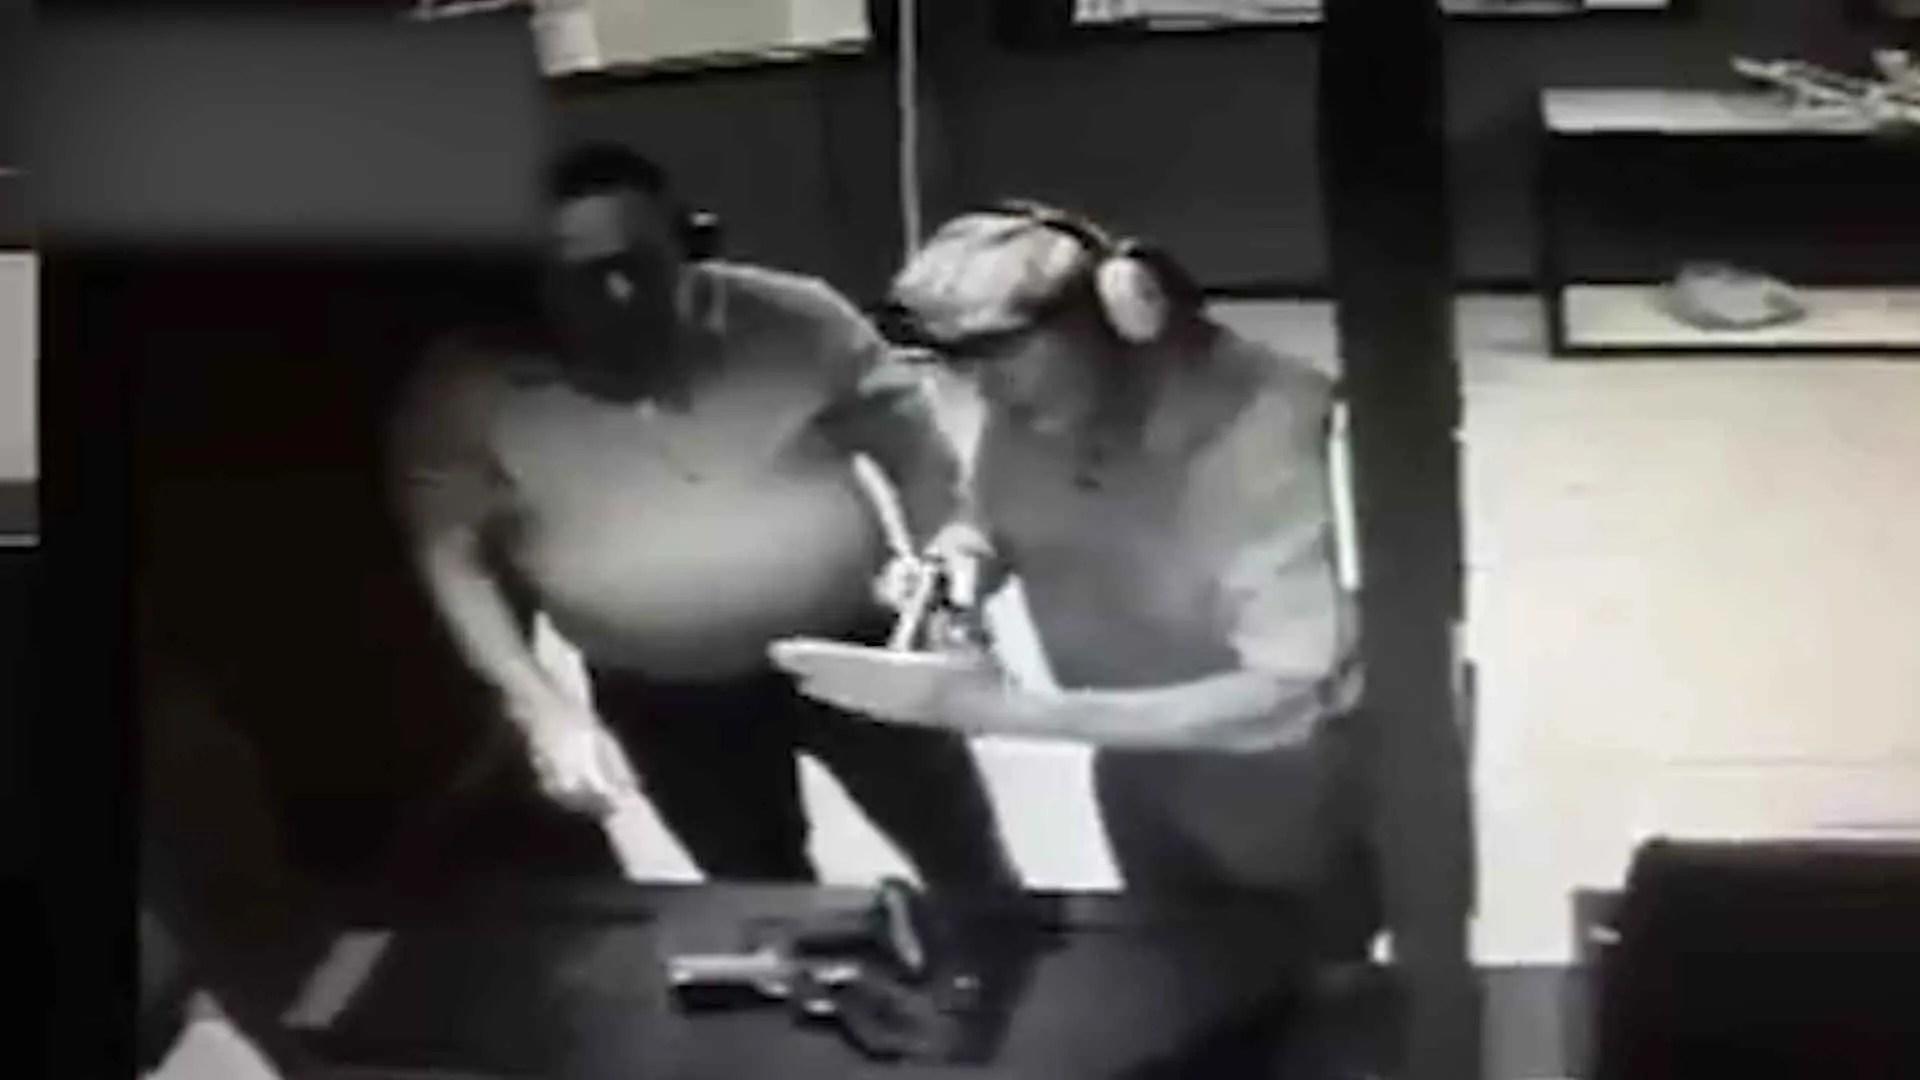 Capture d'écran de la vidéosurveillance d'un stand de tir américain montrant un homme se tirer par accident une balle dans la main.